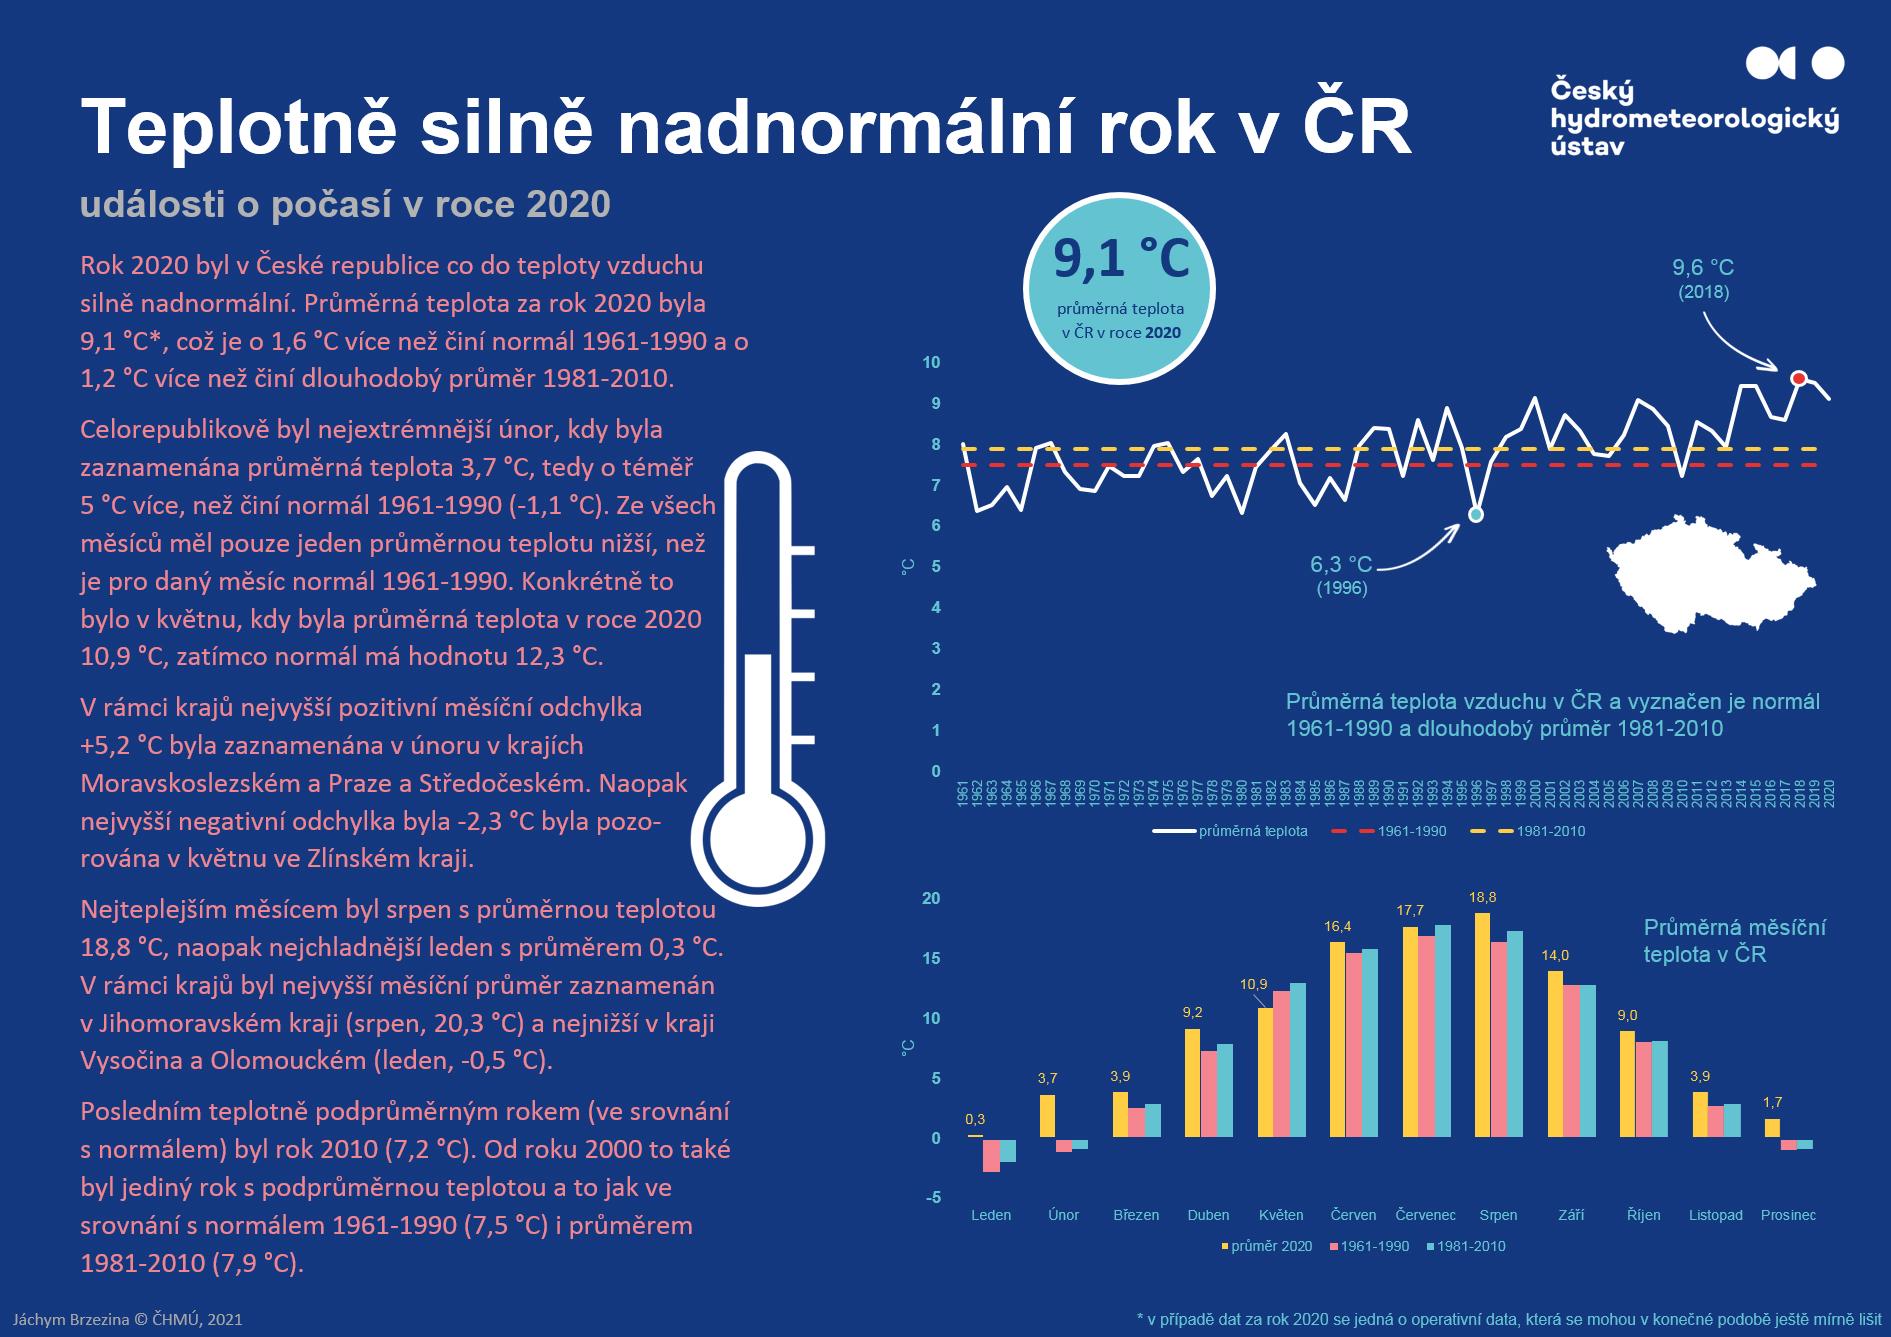 2020 – teplotně silně nadnormální rok v ČR